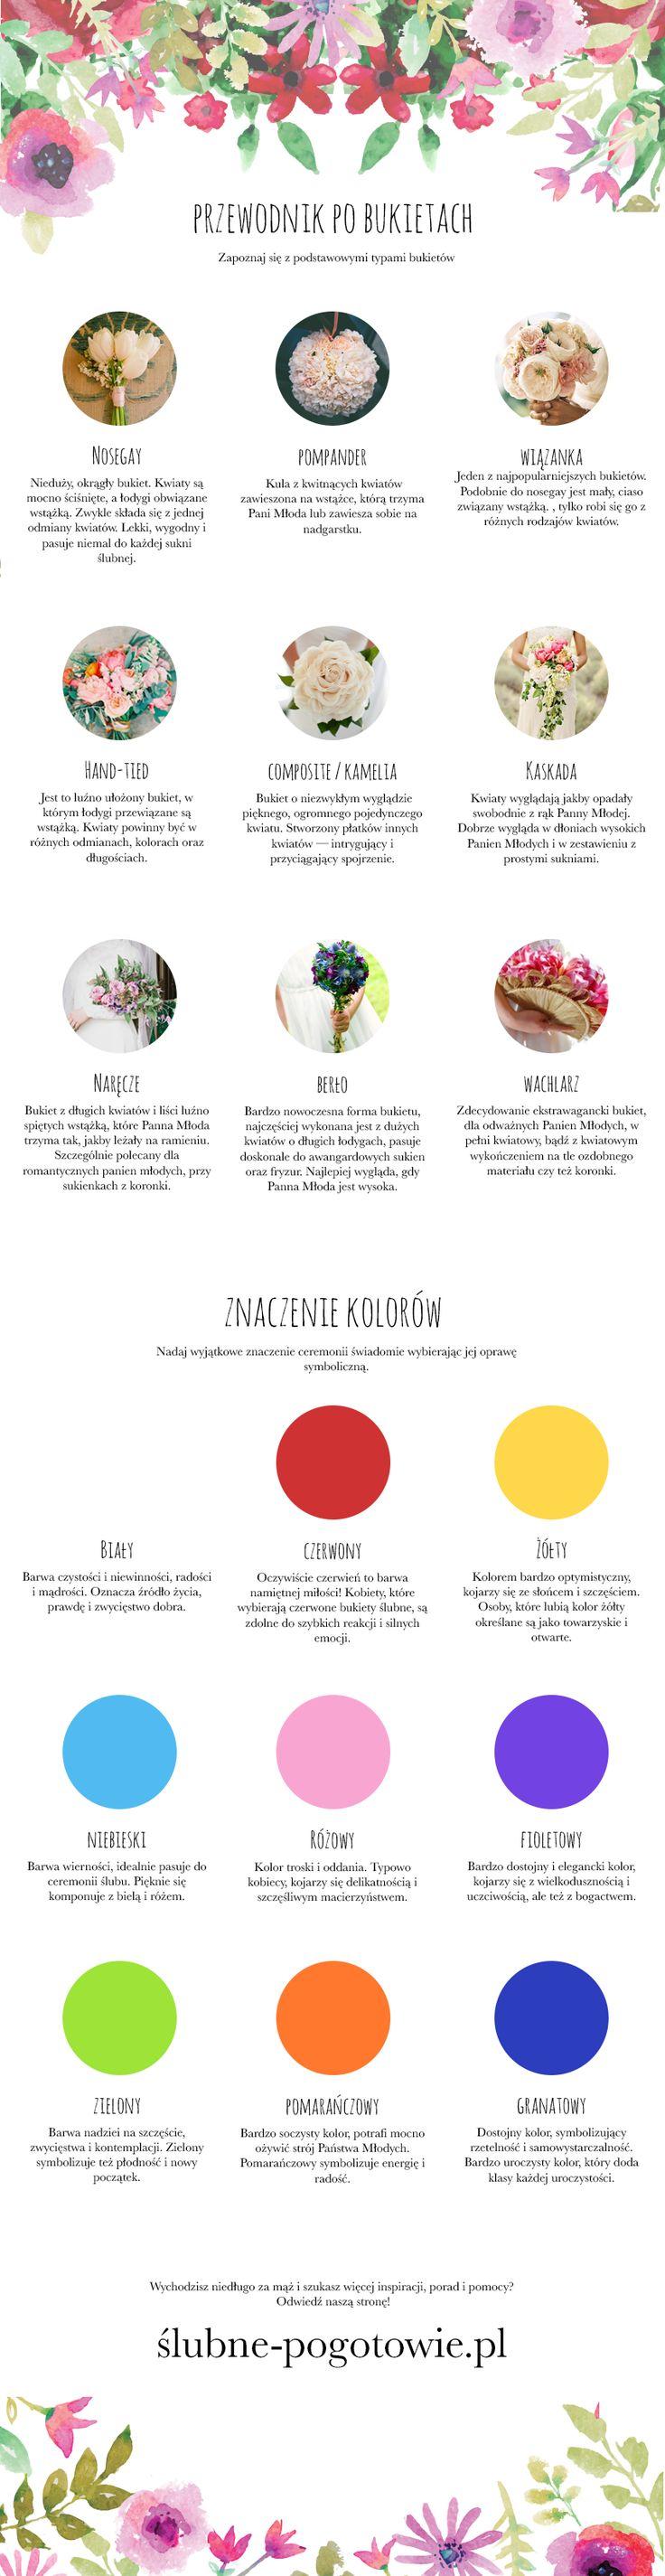 Poradnik kwiaty bukiet ślubny peonie bukiet kwiaty groszku pachnącego róże tulipany znaczenie kolorów wiązanka ślubna